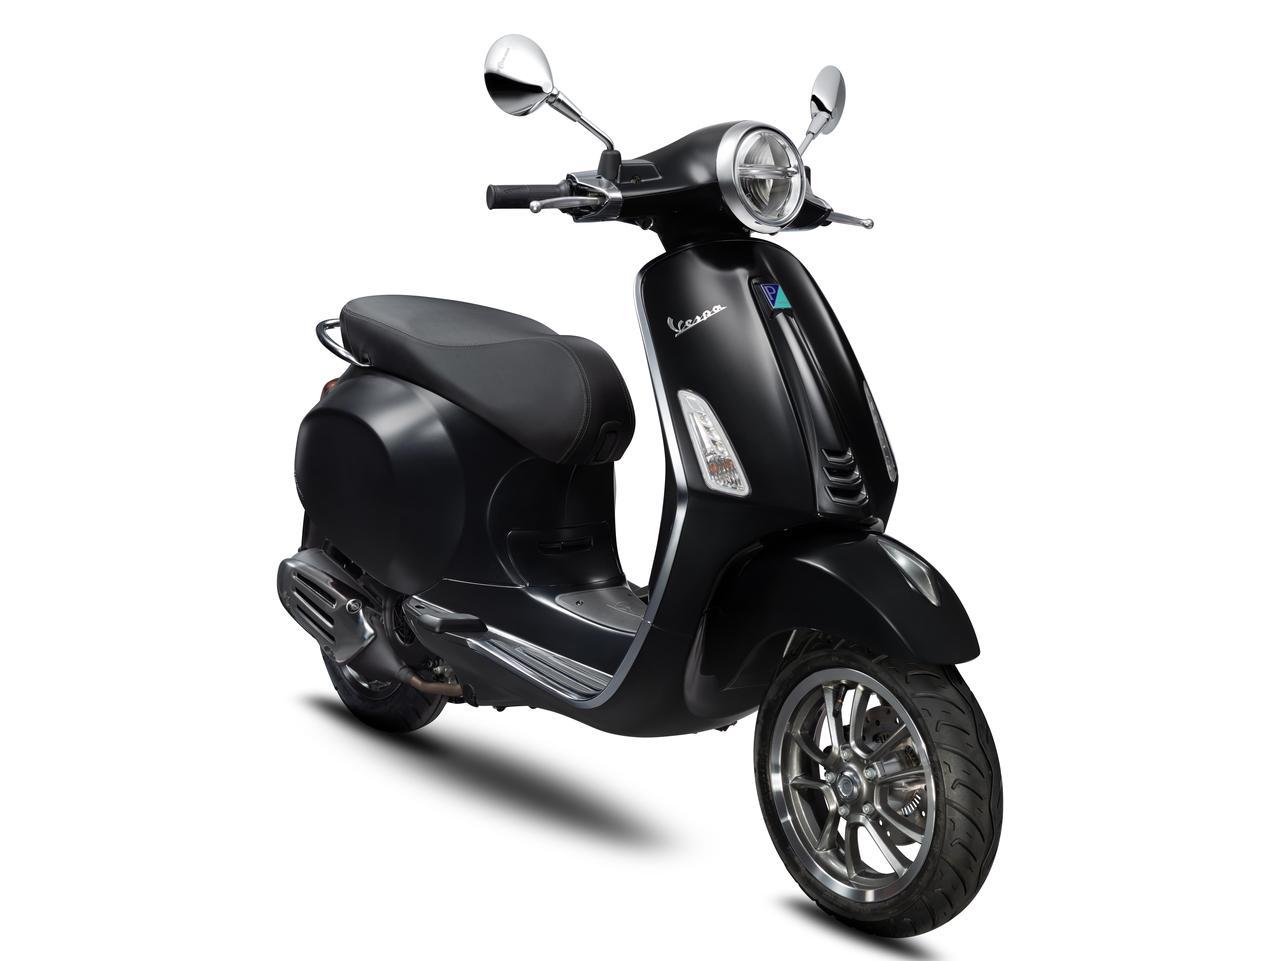 画像3: 【ベスパ】伝統車〈プリマベーラ〉の特別仕様スポーティモデル「Primavera S 150」が新登場!